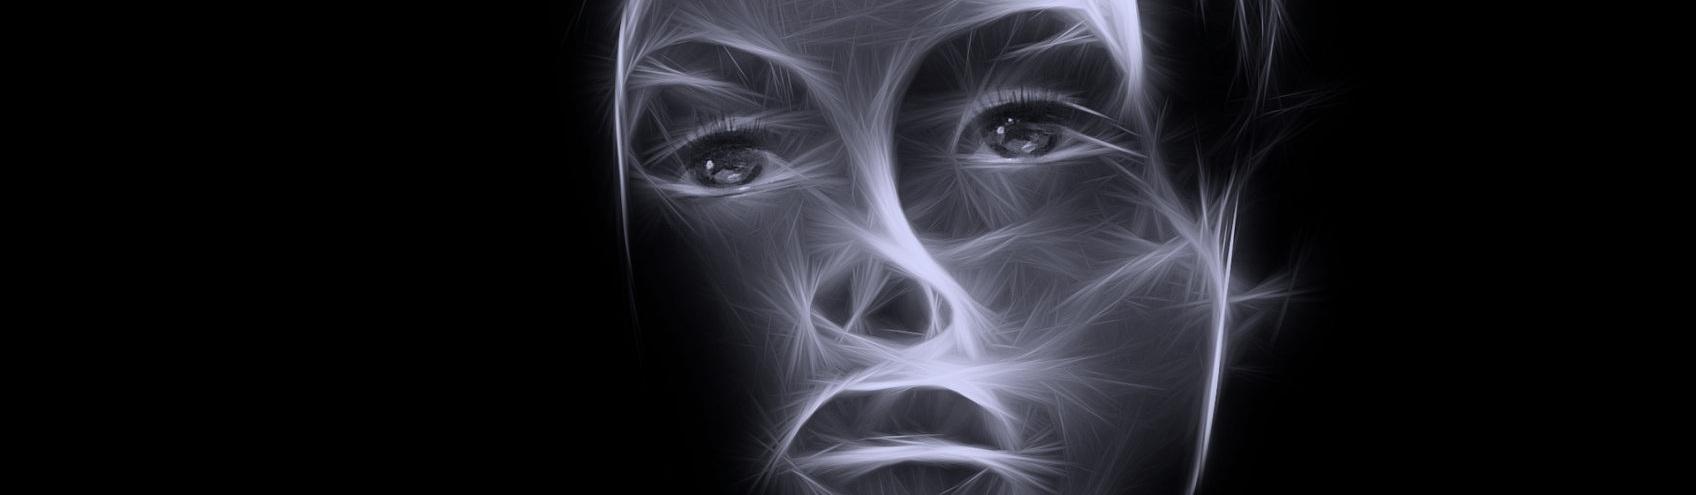 face-636092_1920-1696x800.jpg